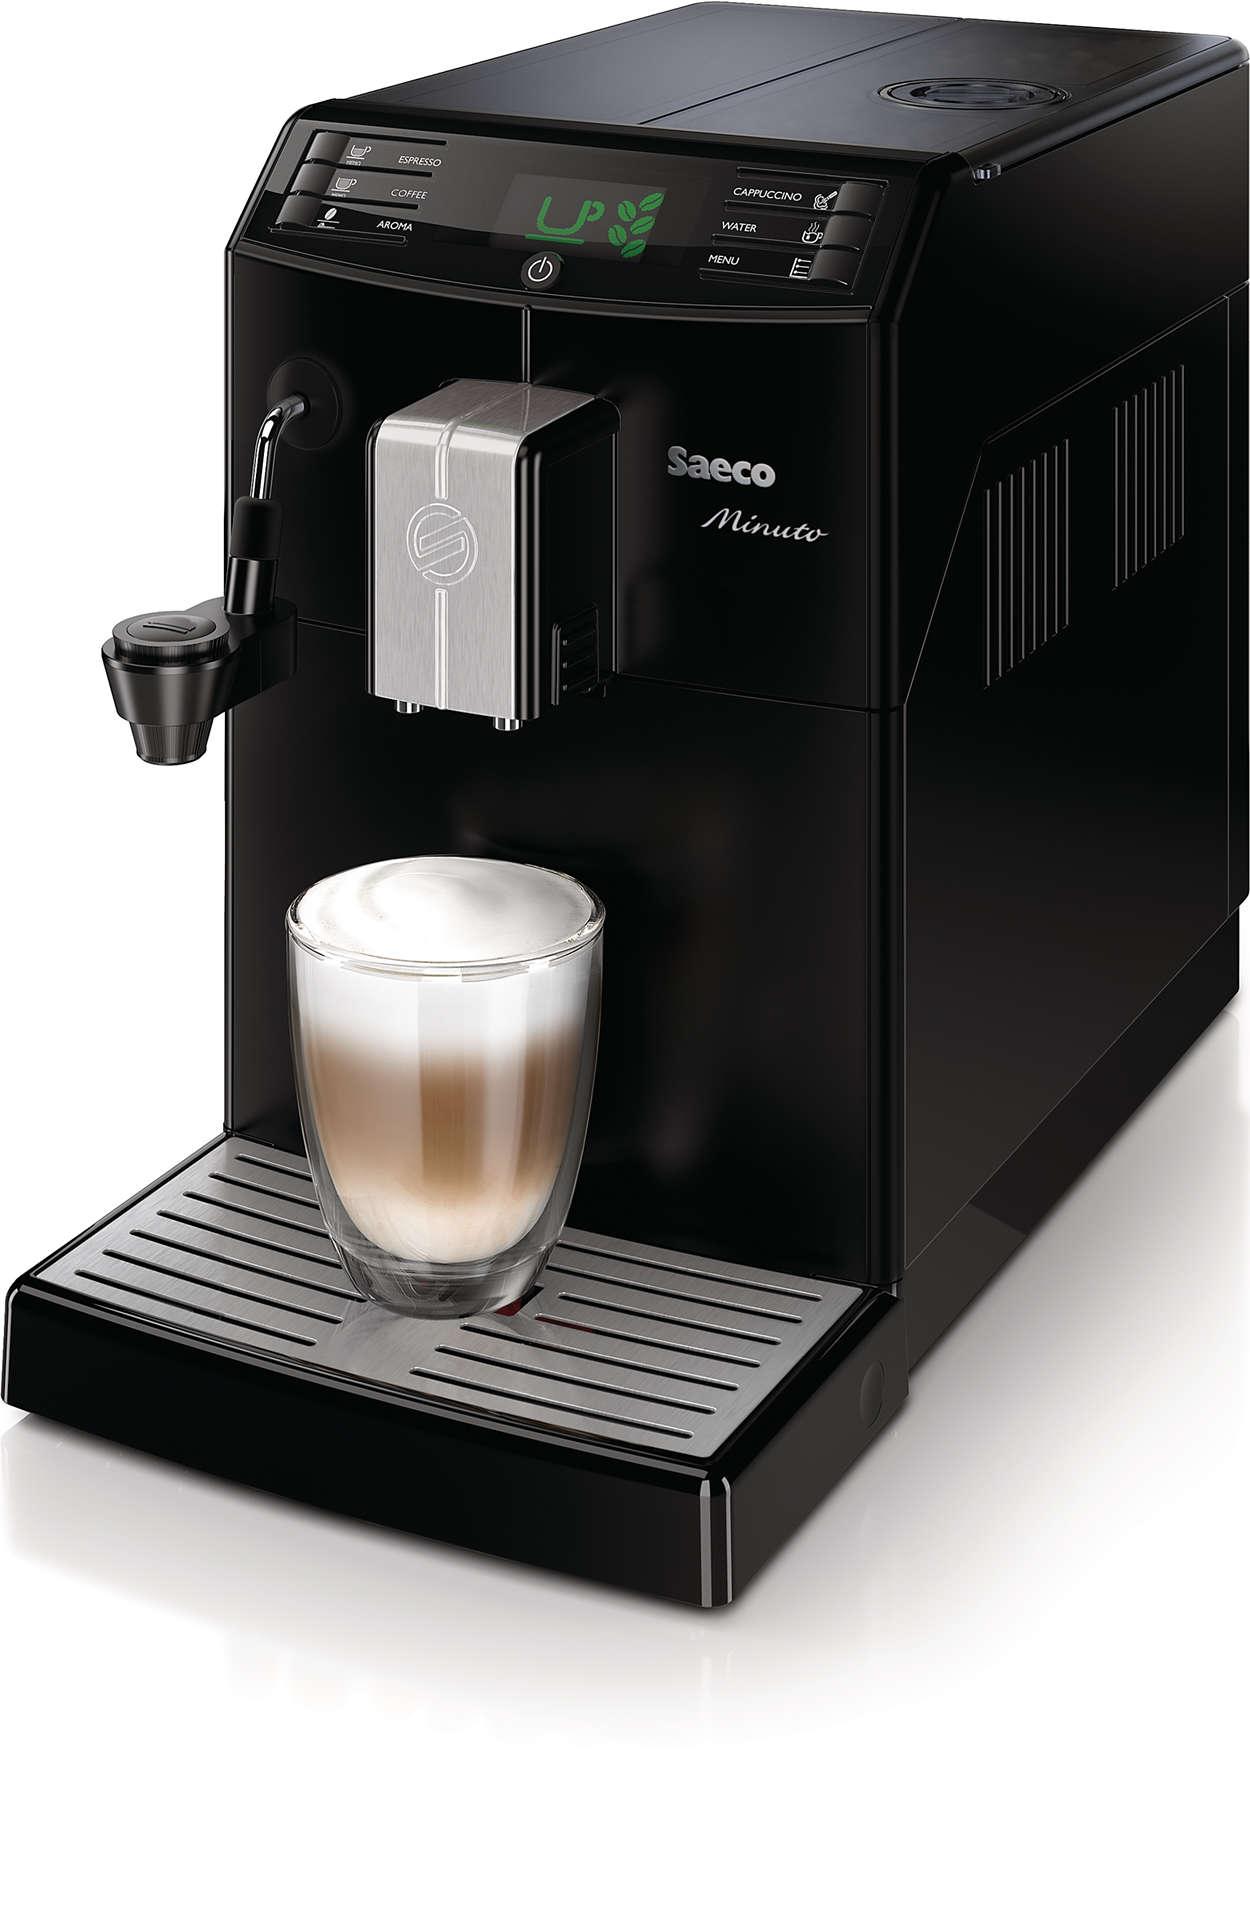 minuto cappuccino machine espresso automatique hd8762 01. Black Bedroom Furniture Sets. Home Design Ideas